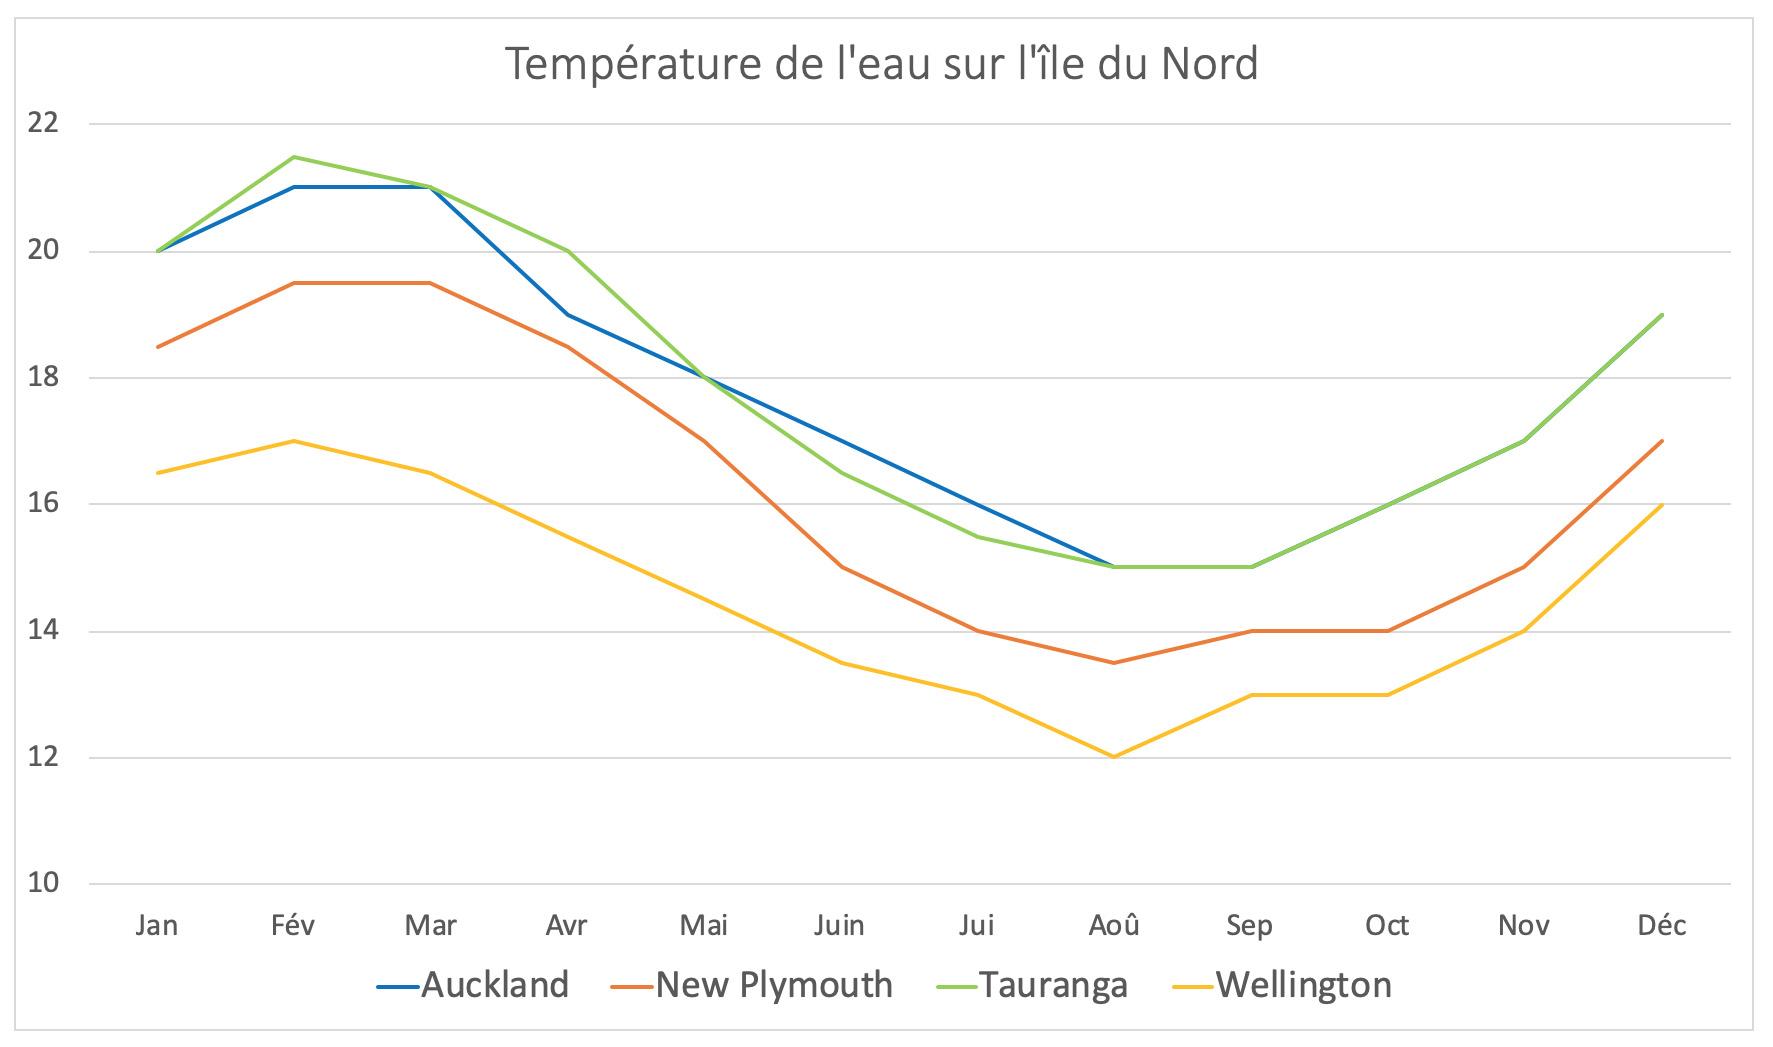 Nouvelle-Zélande - Température de l'eau sur l'île du Nord